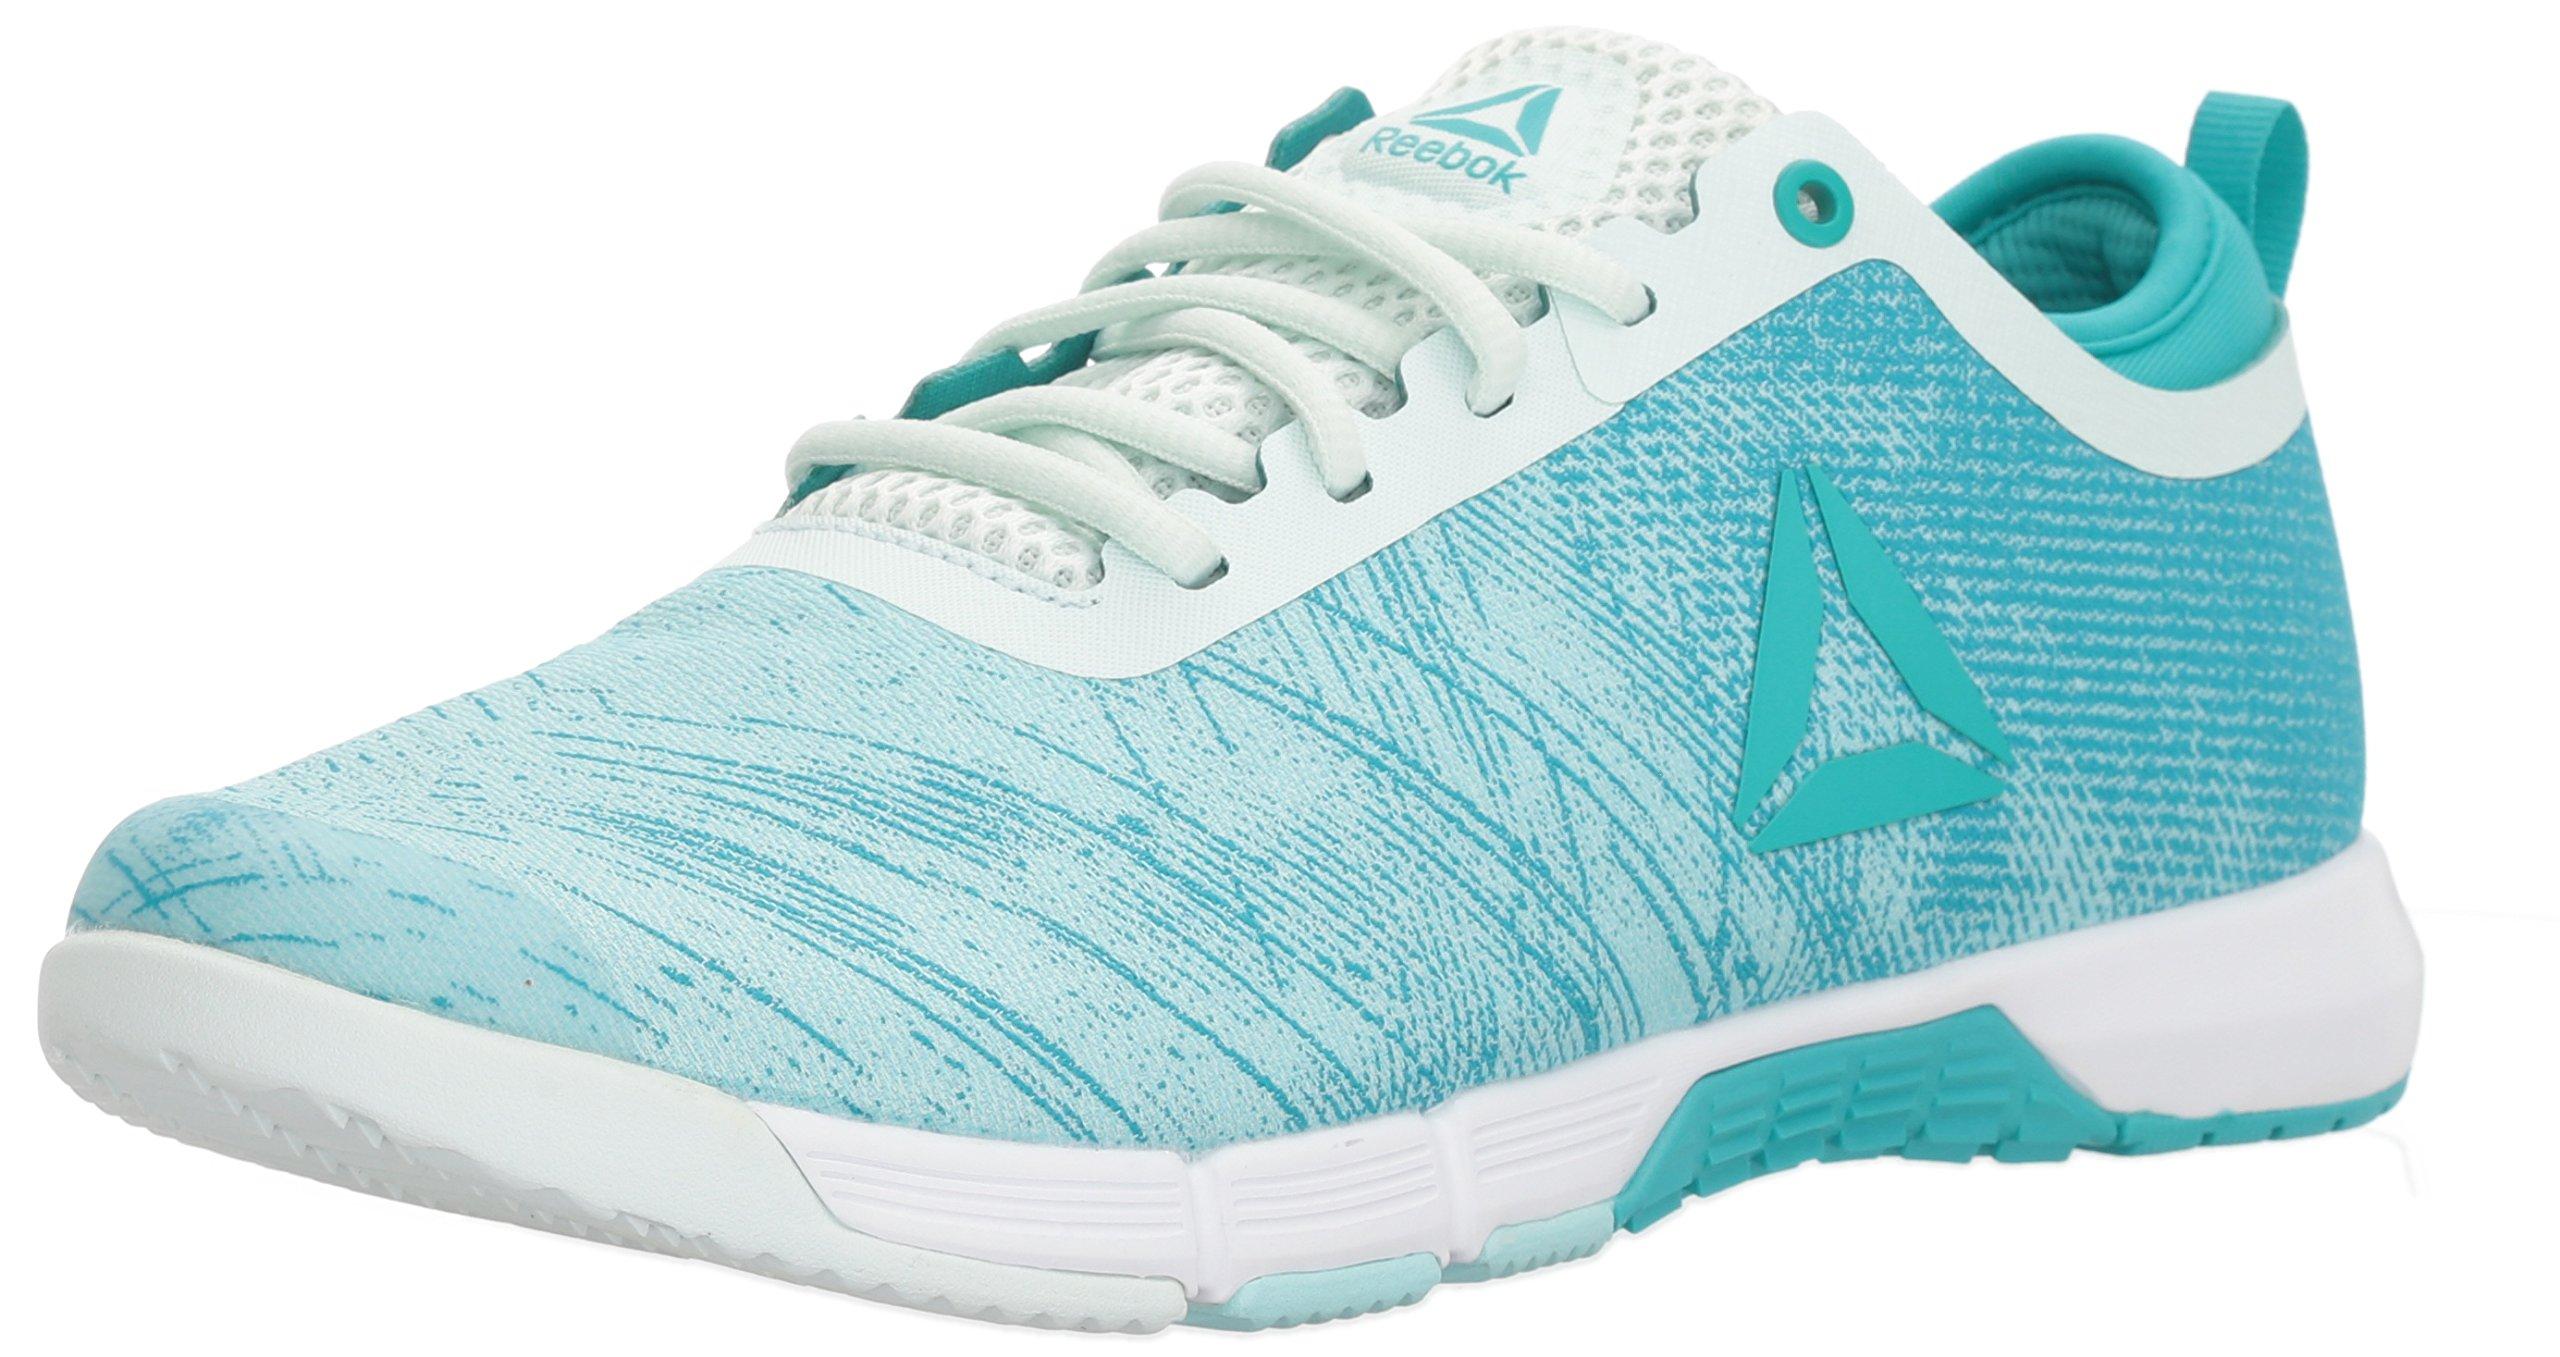 Reebok Women's Speed Her TR Sneaker, Blue Lagoon/Solid Teal/Opal/White/Silver, 8.5 M US by Reebok